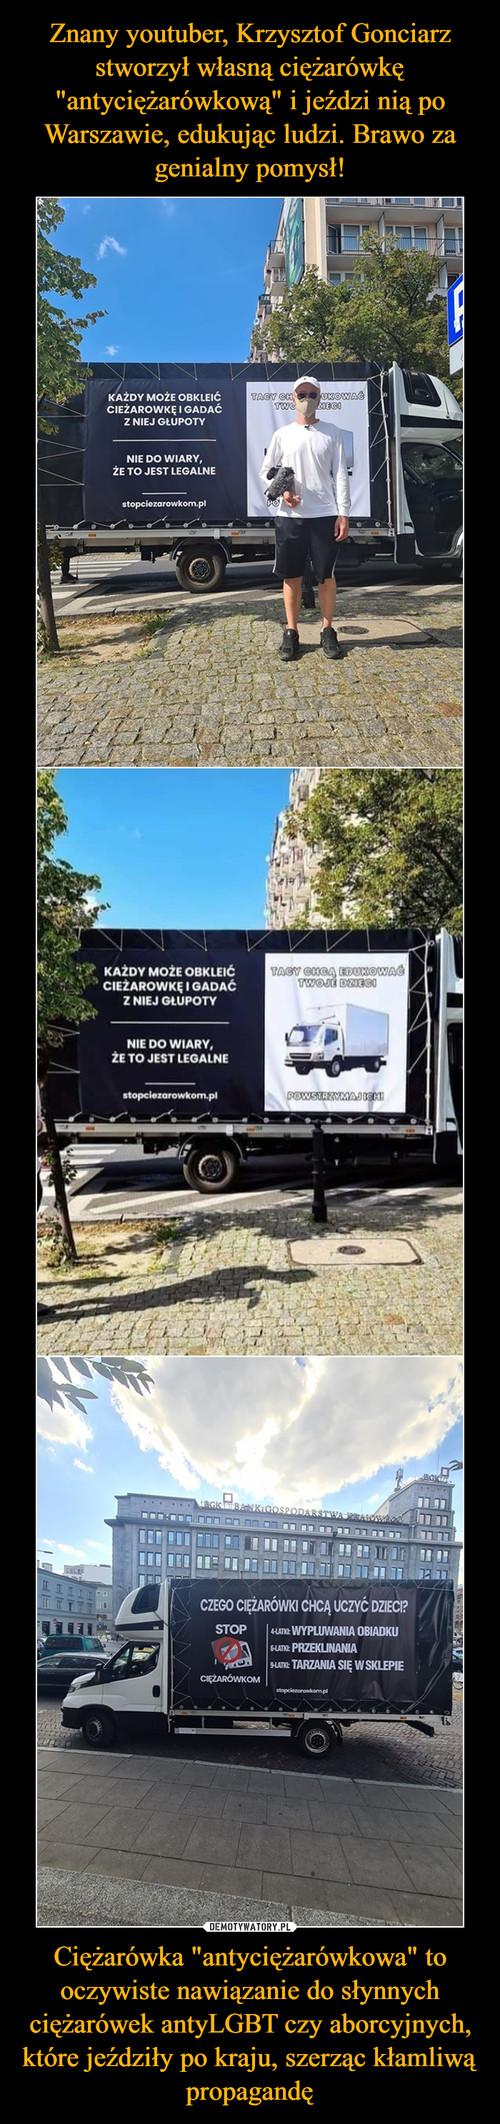 """Znany youtuber, Krzysztof Gonciarz stworzył własną ciężarówkę """"antyciężarówkową"""" i jeździ nią po Warszawie, edukując ludzi. Brawo za genialny pomysł! Ciężarówka """"antyciężarówkowa"""" to oczywiste nawiązanie do słynnych ciężarówek antyLGBT czy aborcyjnych, które jeździły po kraju, szerząc kłamliwą propagandę"""